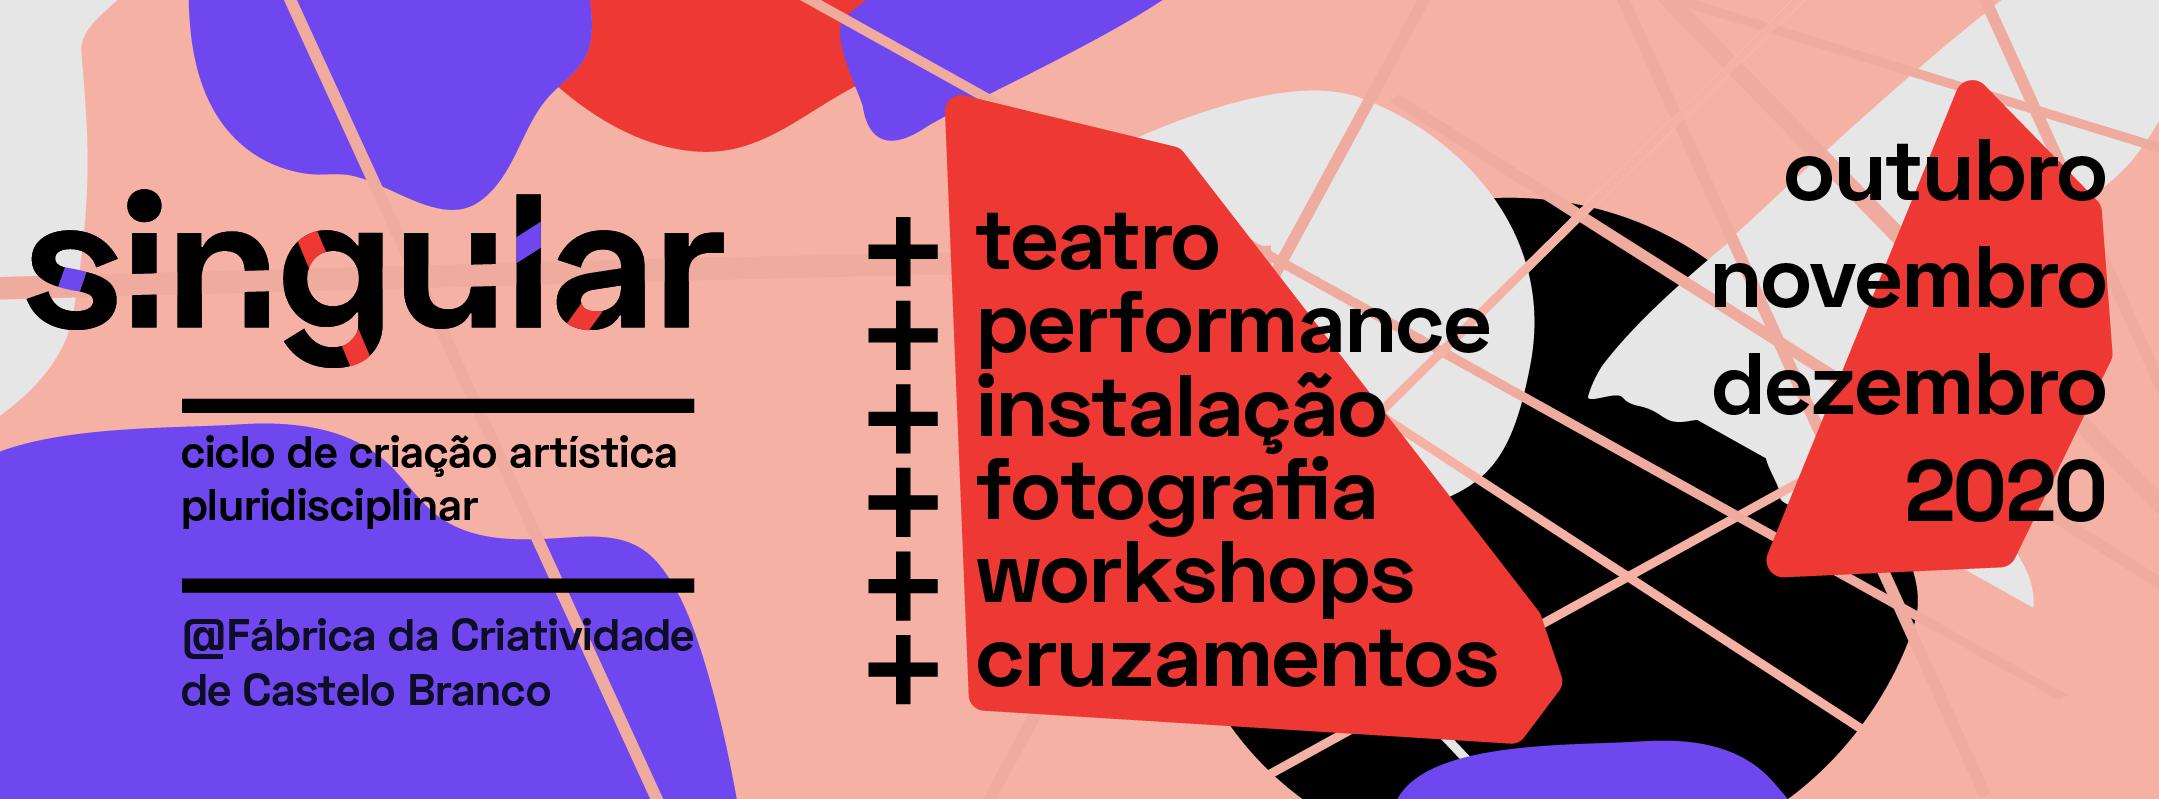 Terceira Pessoa promove festival de criação artística pluridisciplinar em Castelo Branco